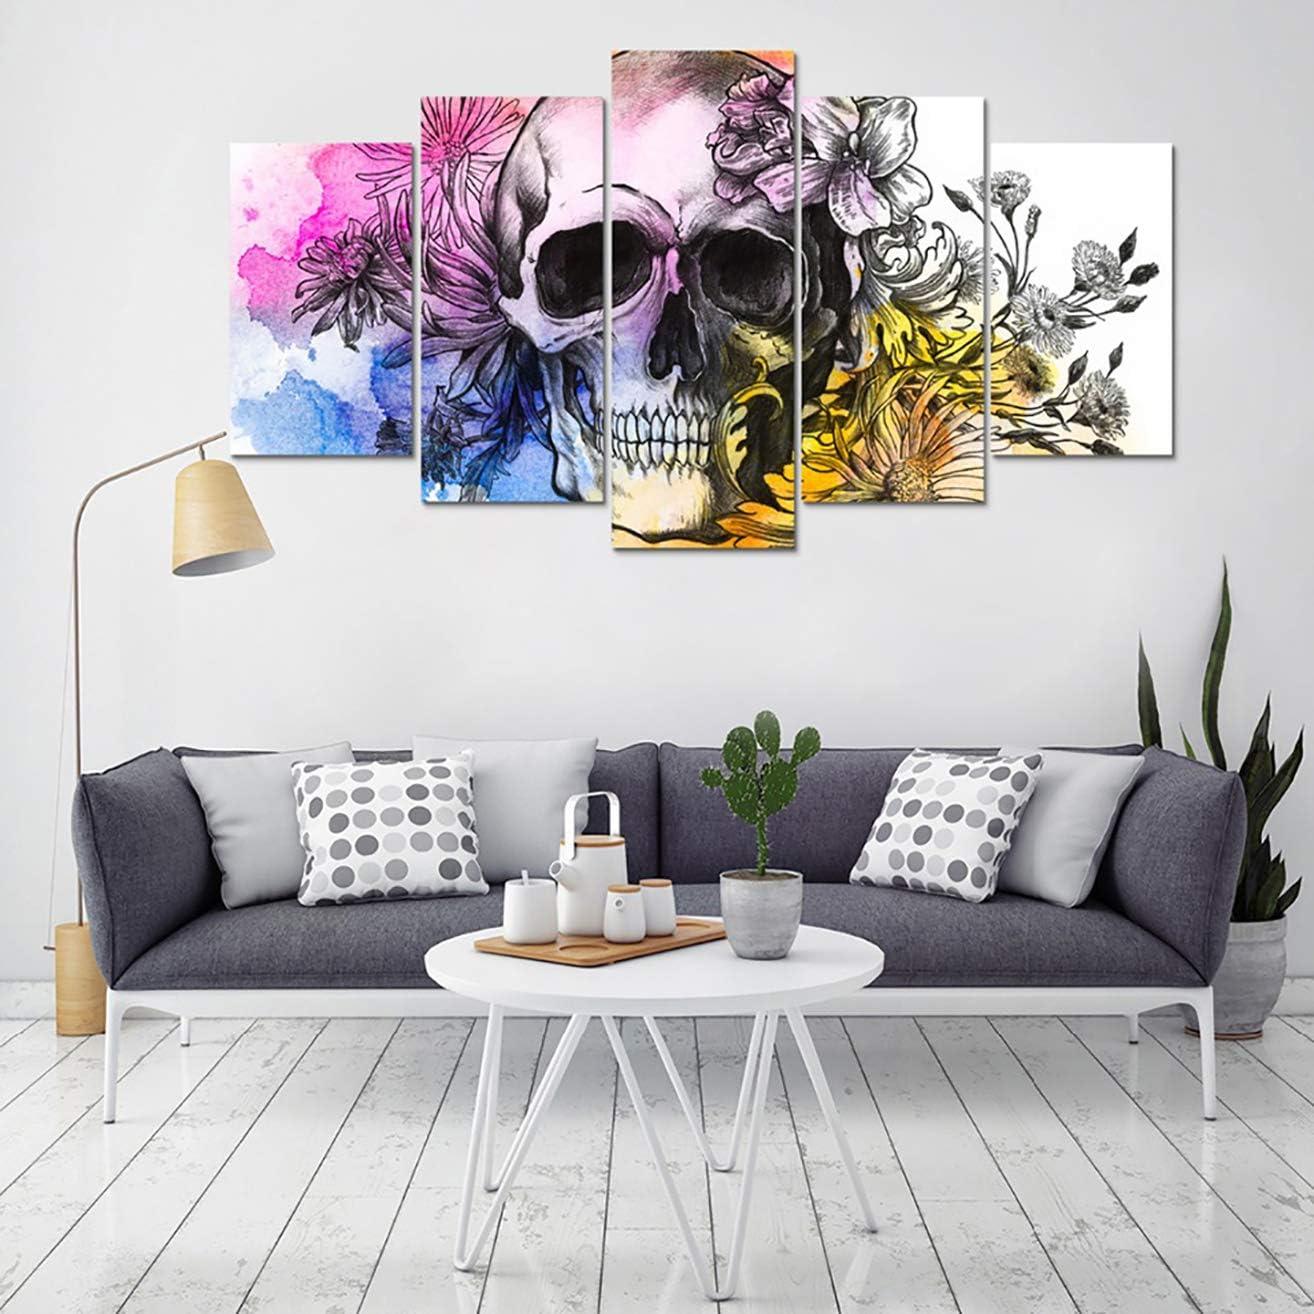 HD Cuadro en Lienzo 5 Paneles Calavera con Flores Cuadro Pared Arte Modular Póster Decoración del hogar,B,30x40x2+30x60x2+30x80x1